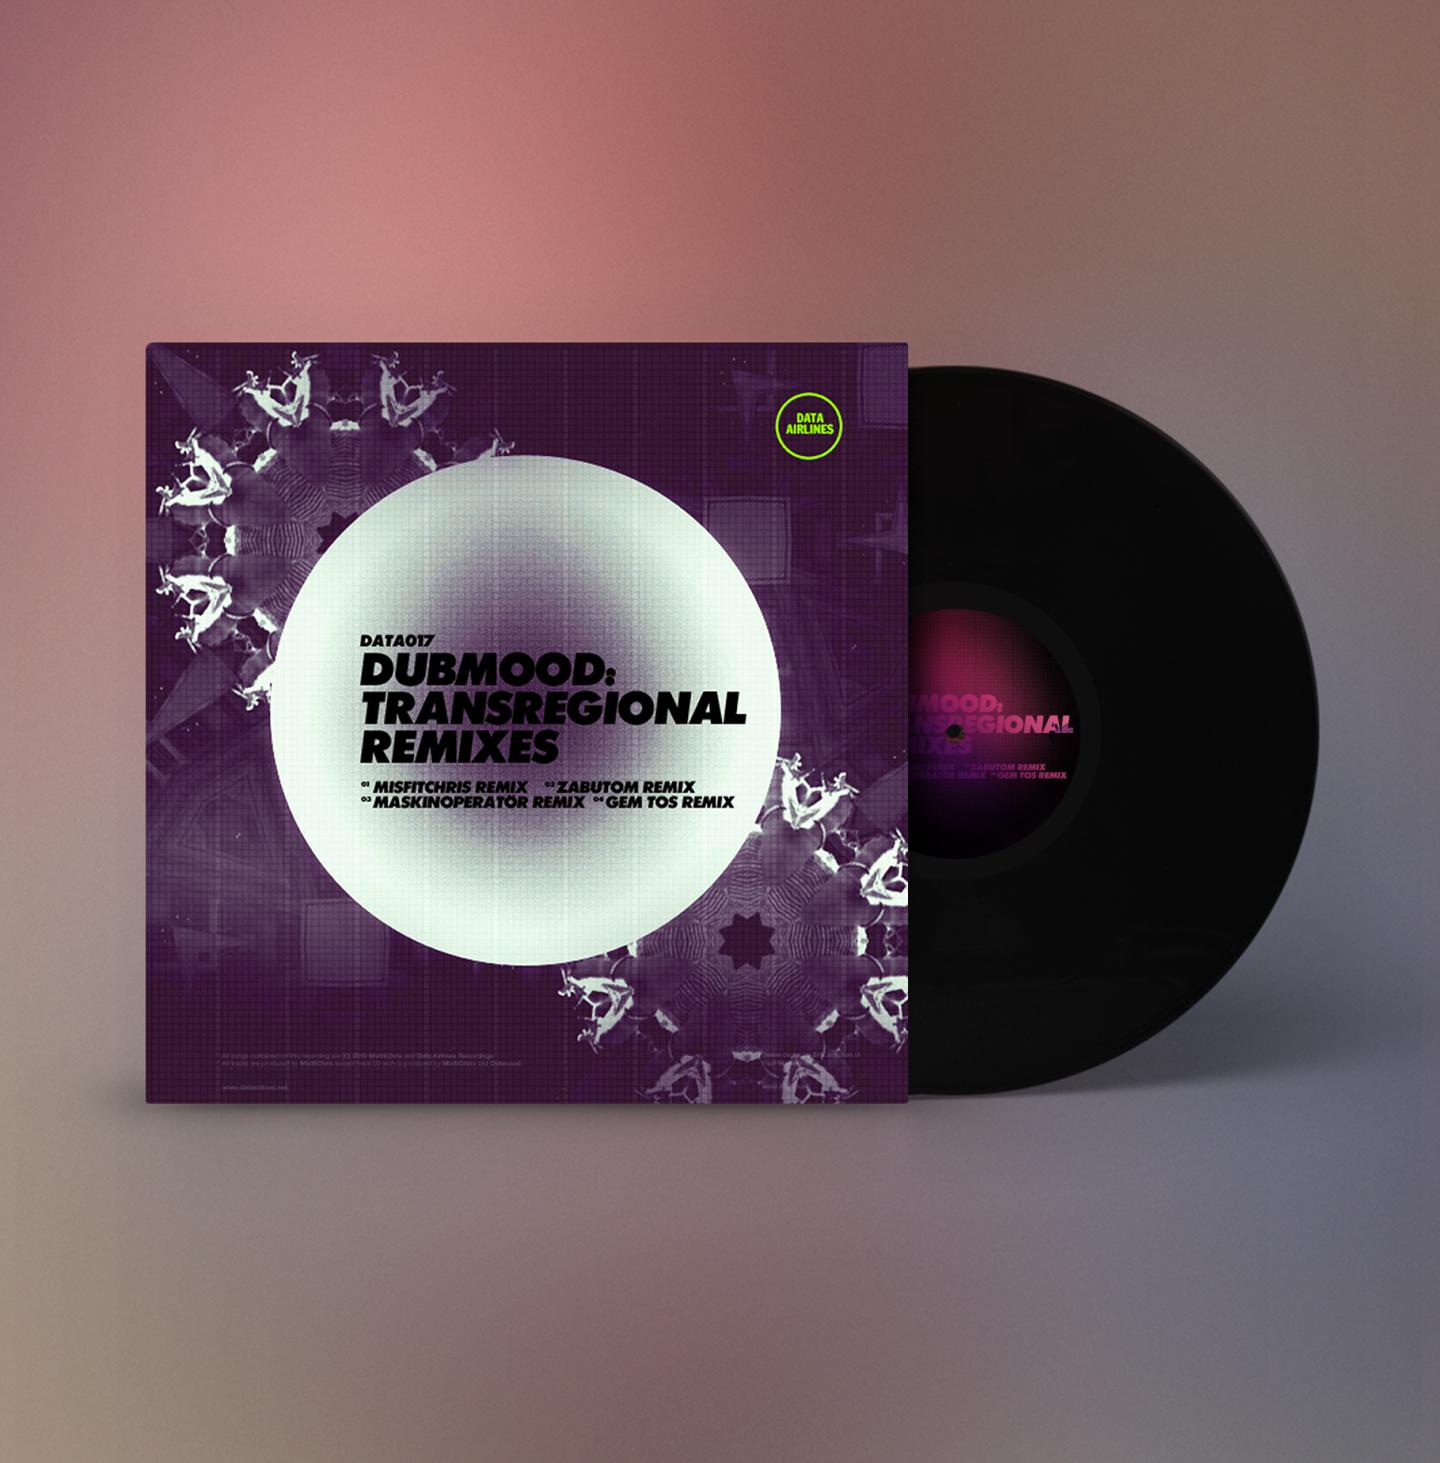 Dubmood — Transregional Remixes